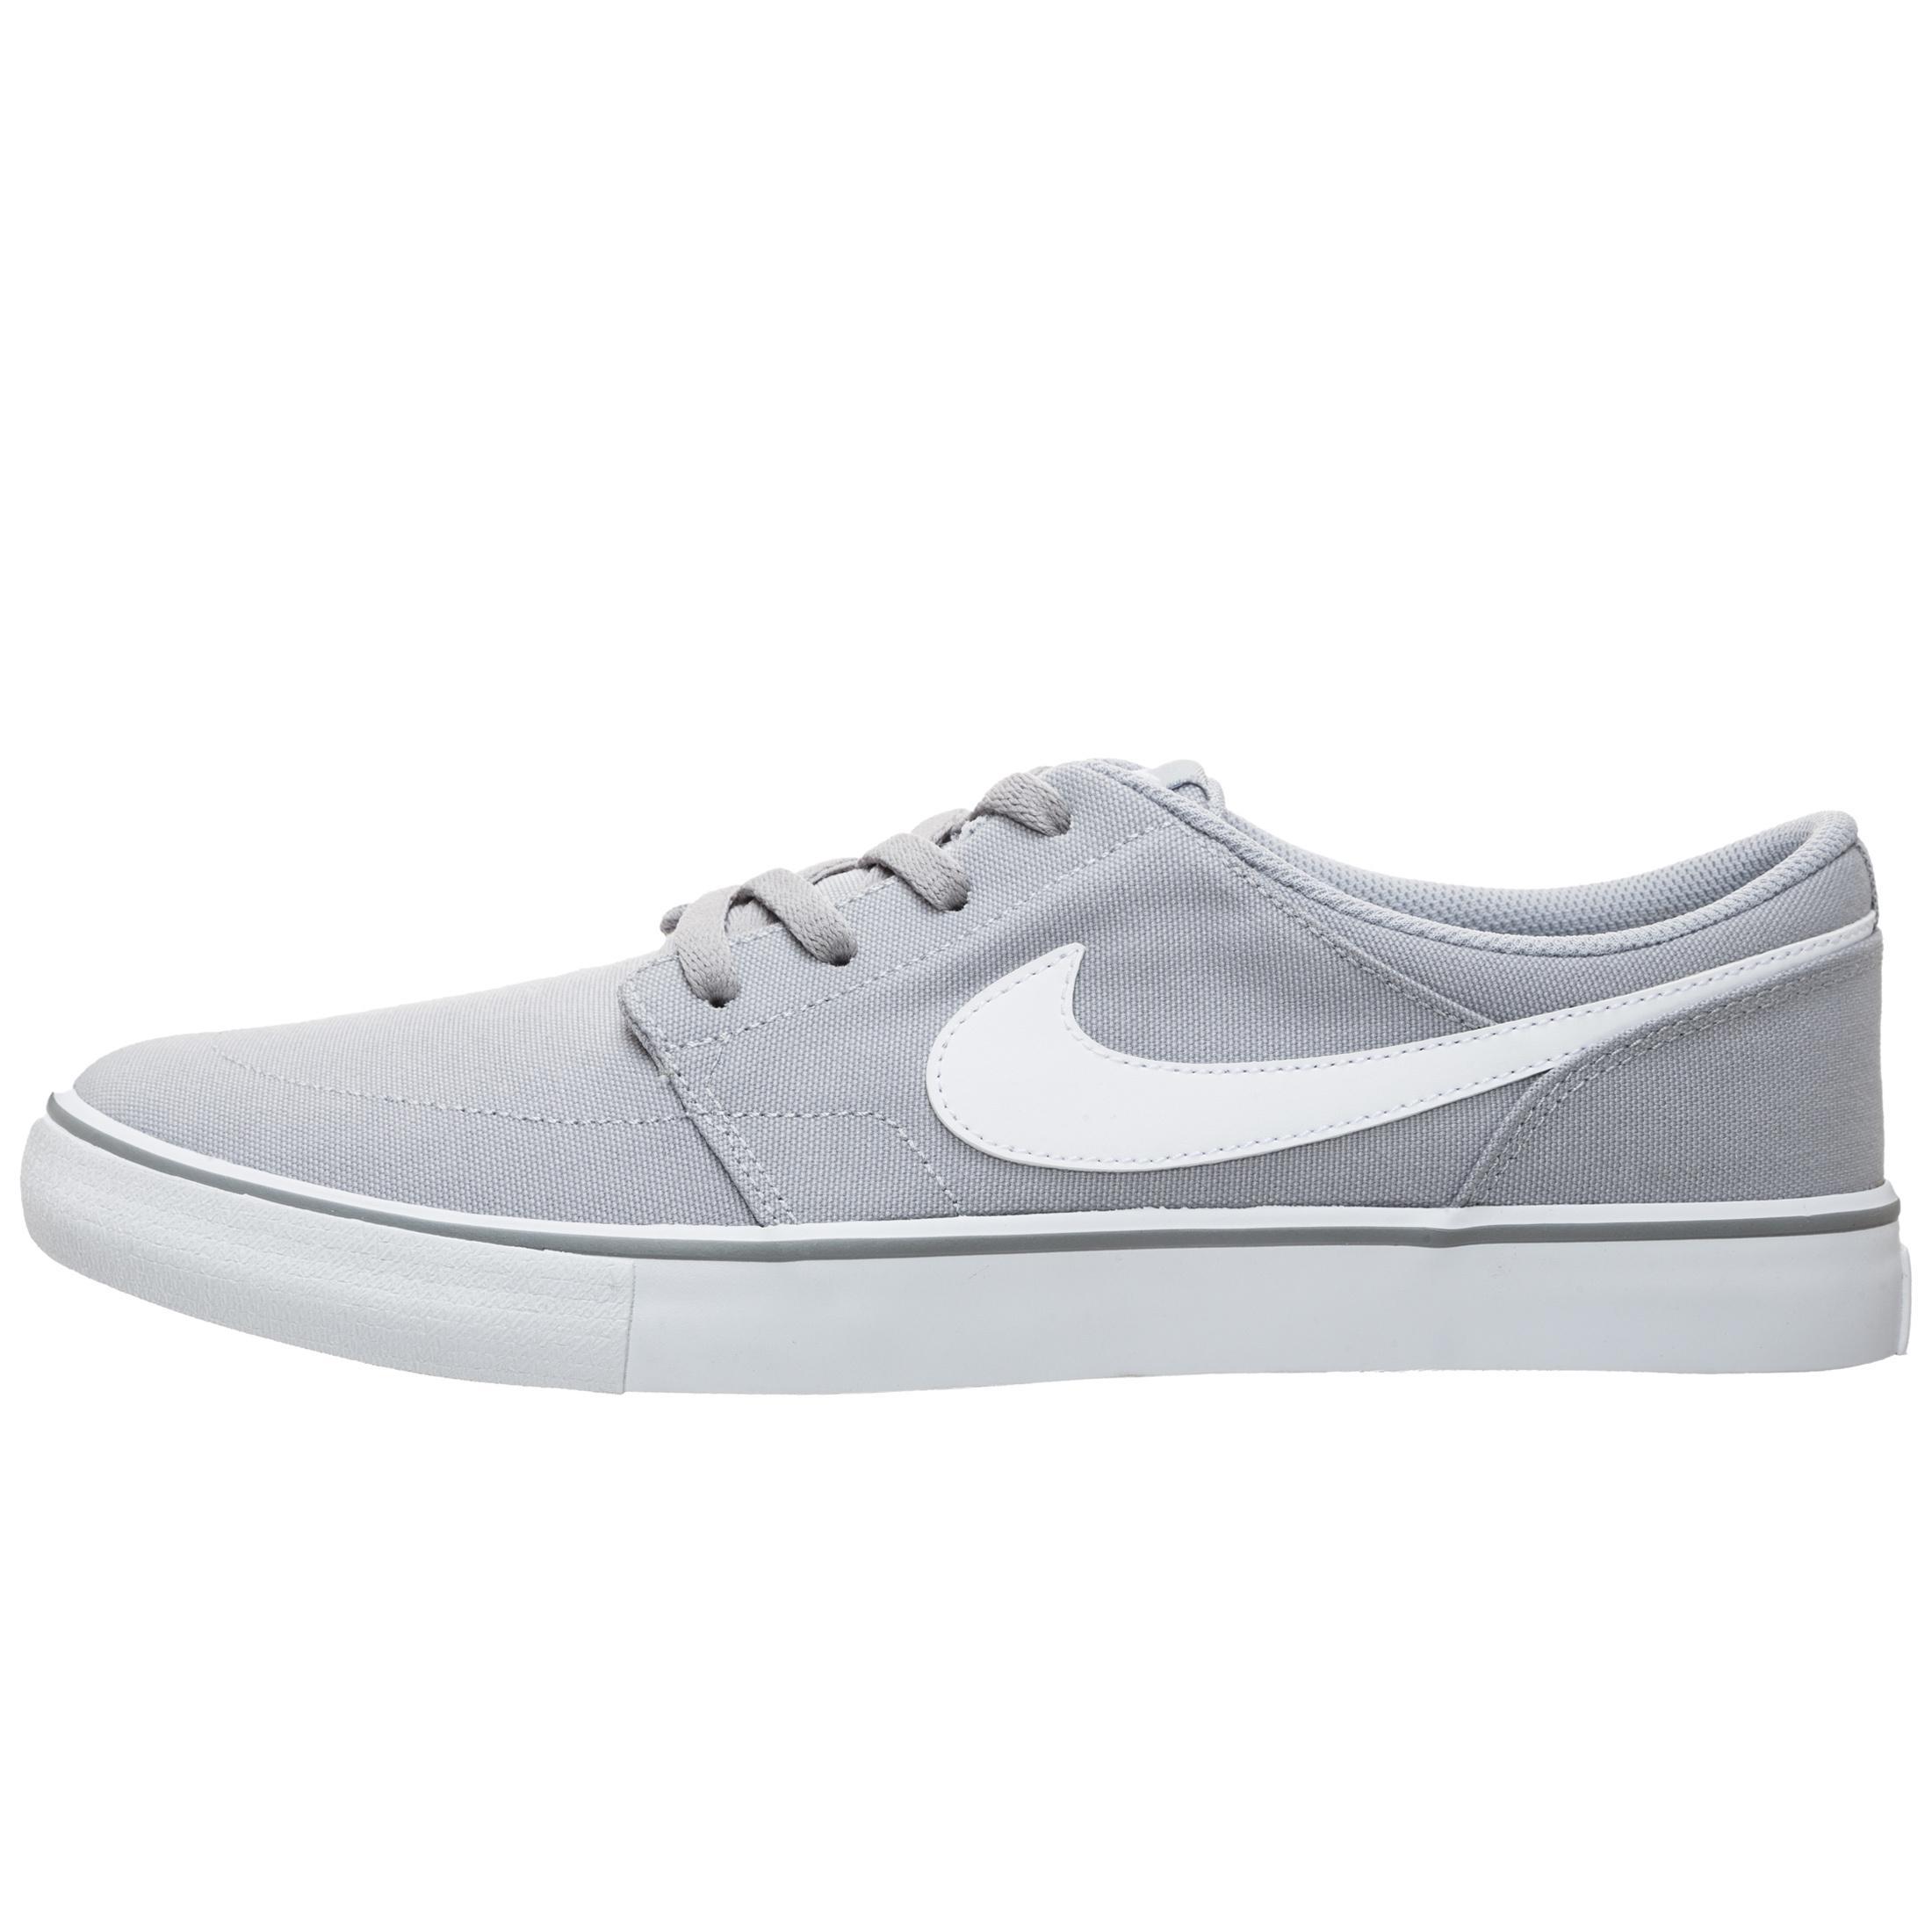 Nike Portmore II Solarsoft Sneaker Sneaker Sneaker Herren dunkelblau / weiß im Online Shop von SportScheck kaufen Gute Qualität beliebte Schuhe 0a4f45